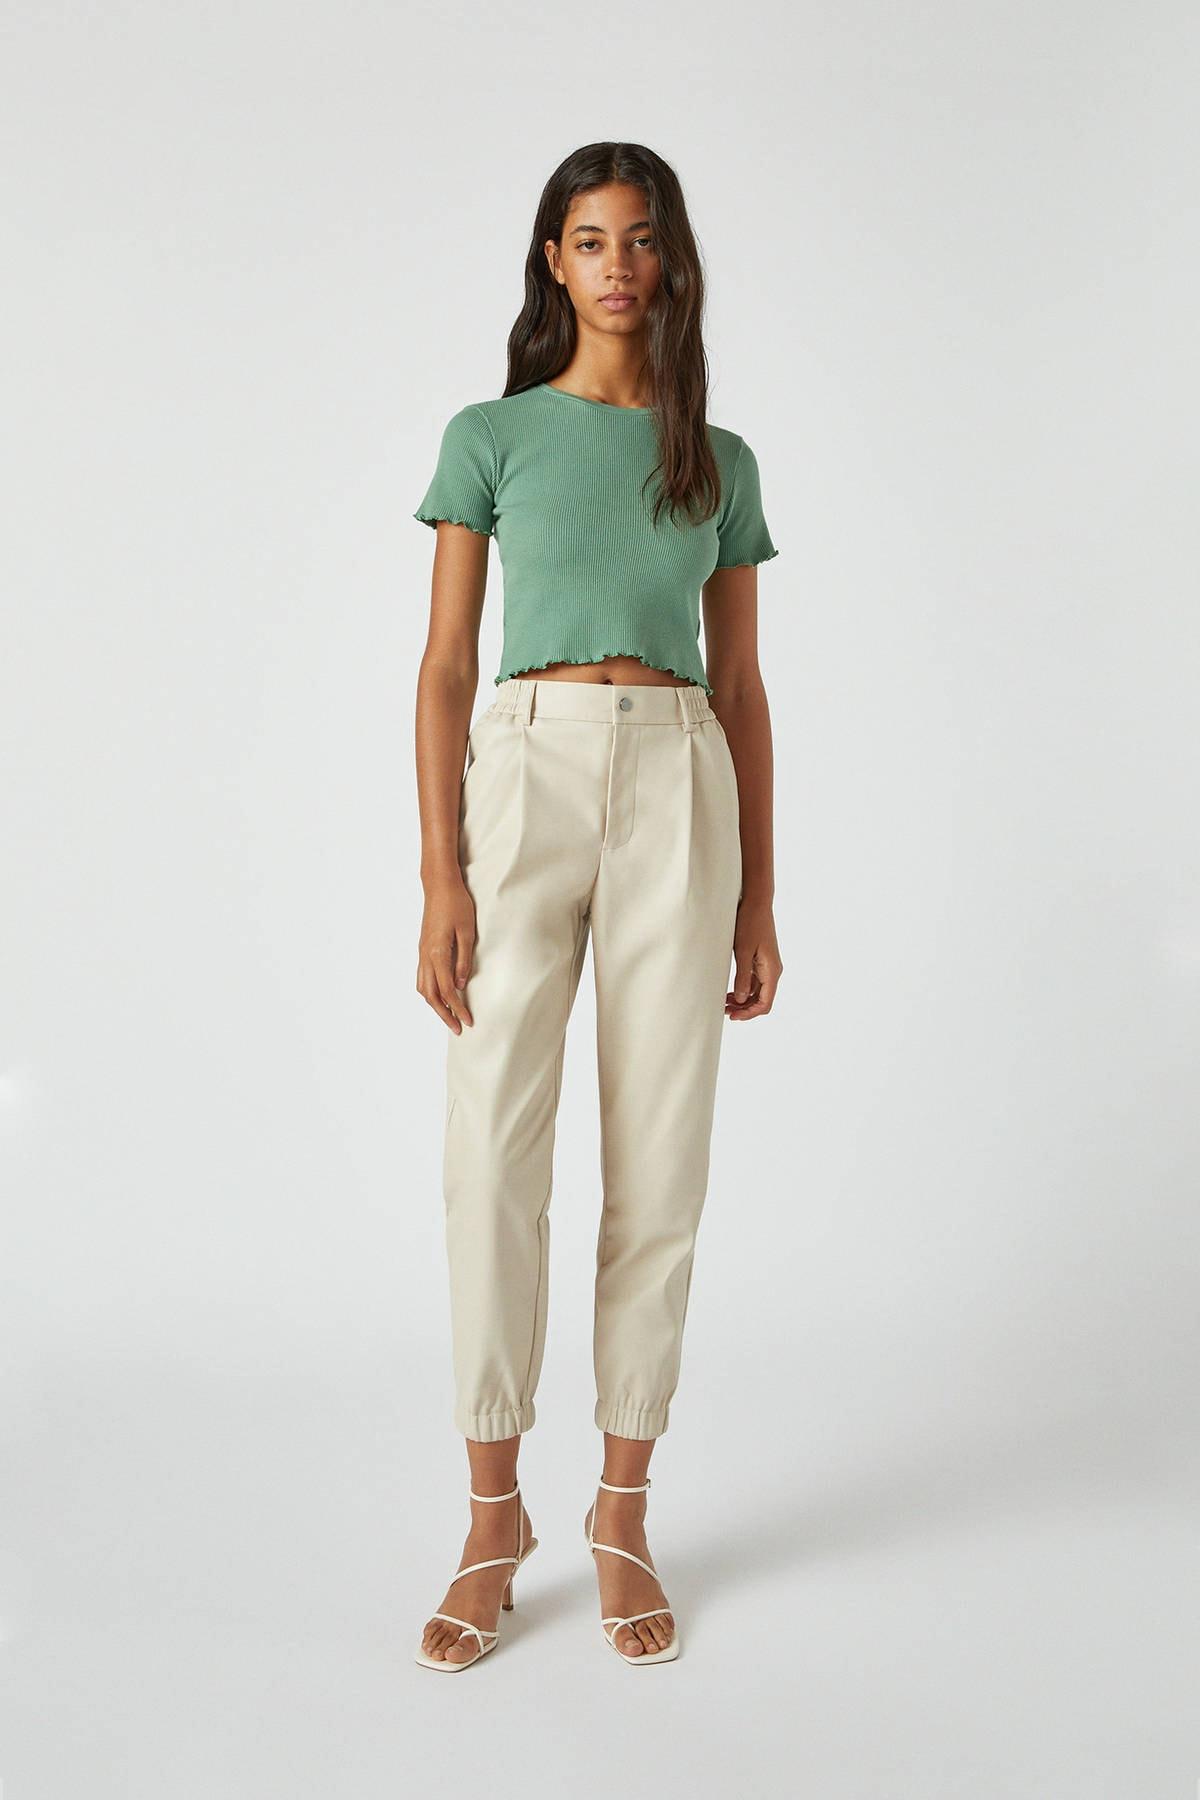 Pull & Bear Kadın Yeşil Kıvrımlı Kenarlı Basic T-Shirt 05234369 2